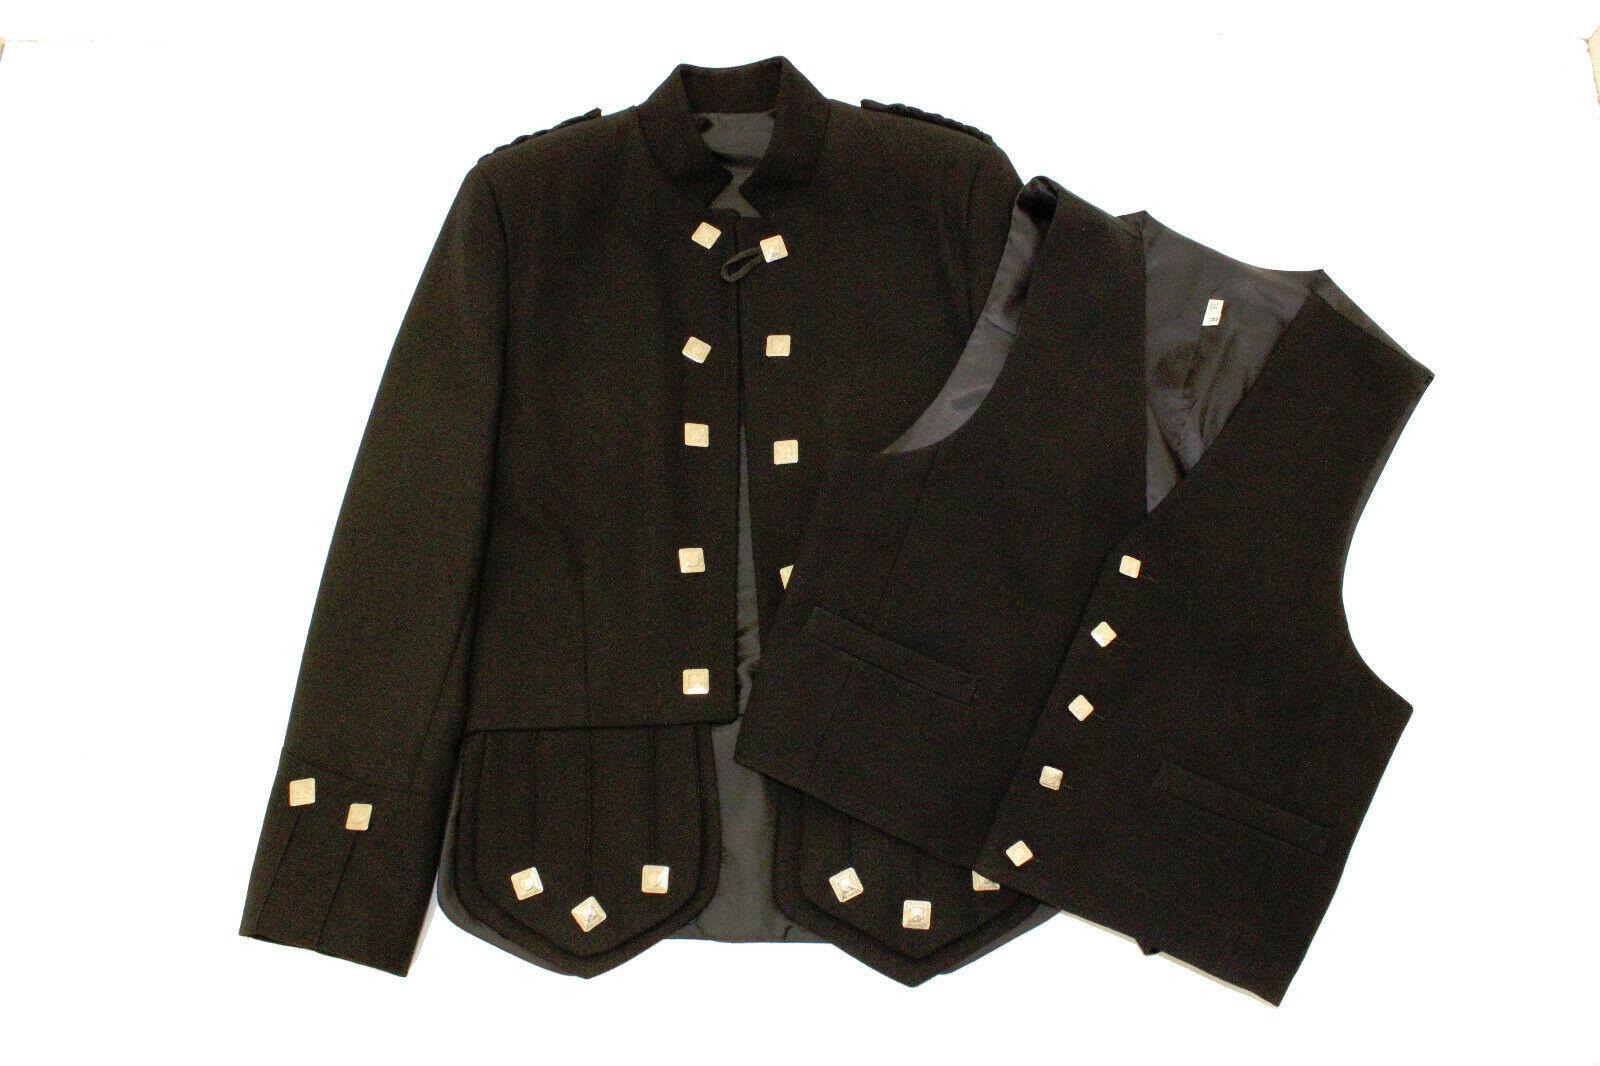 Black Sherriffmuir Kilt Jacket & Vest - reduced to clear